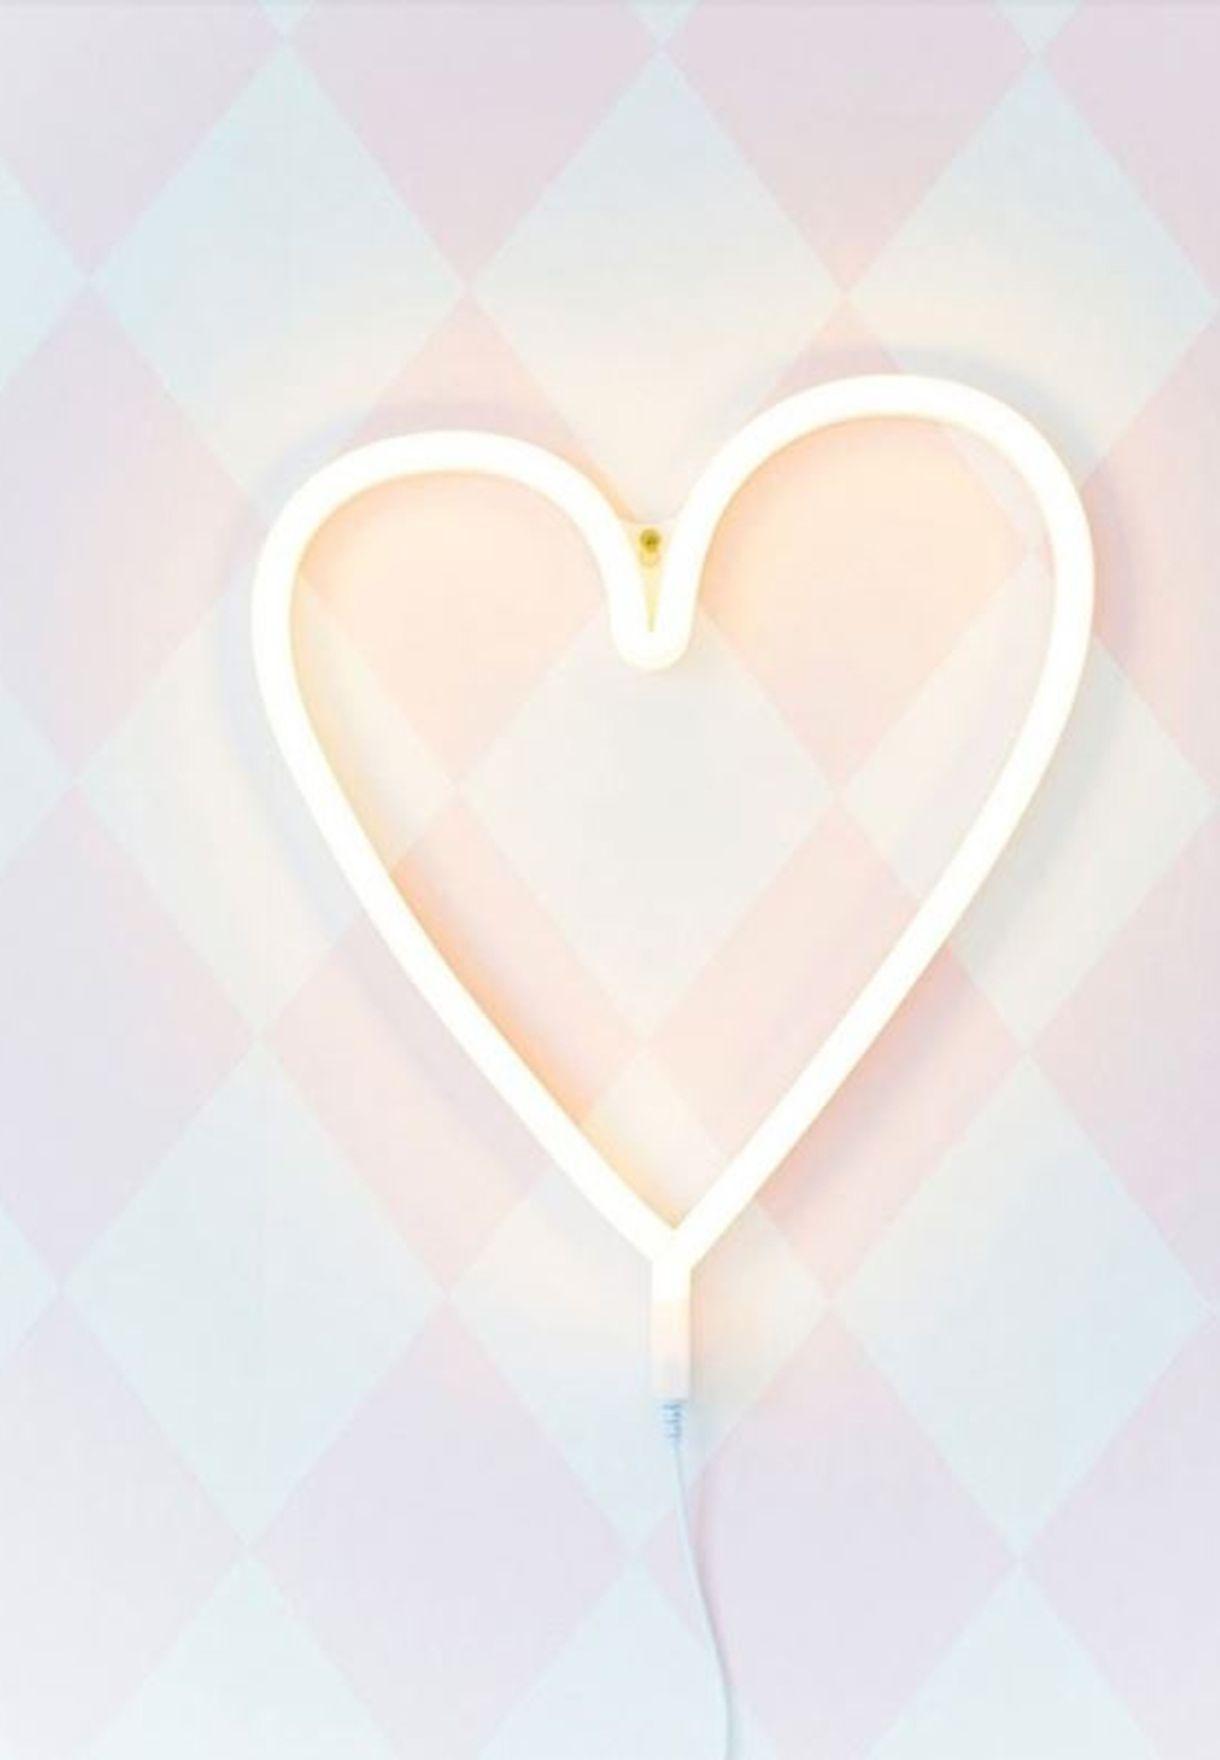 ضوء نيون شكل قلب